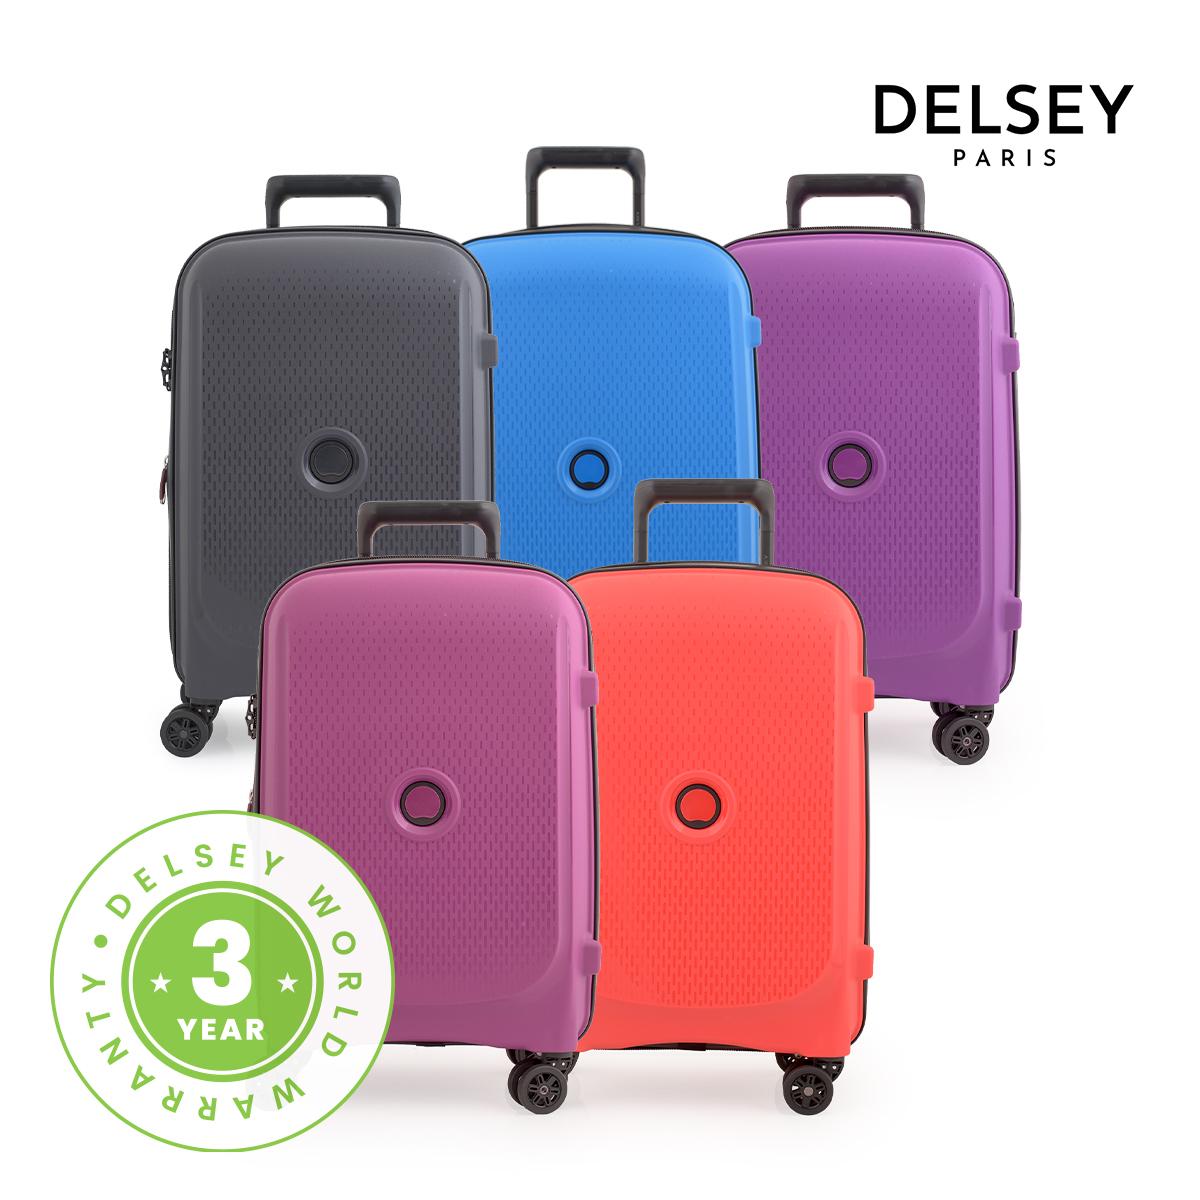 [델시]DELSEY - 벨몽트 플러스 61/22형 중형 여행용캐리어 하드캐리어